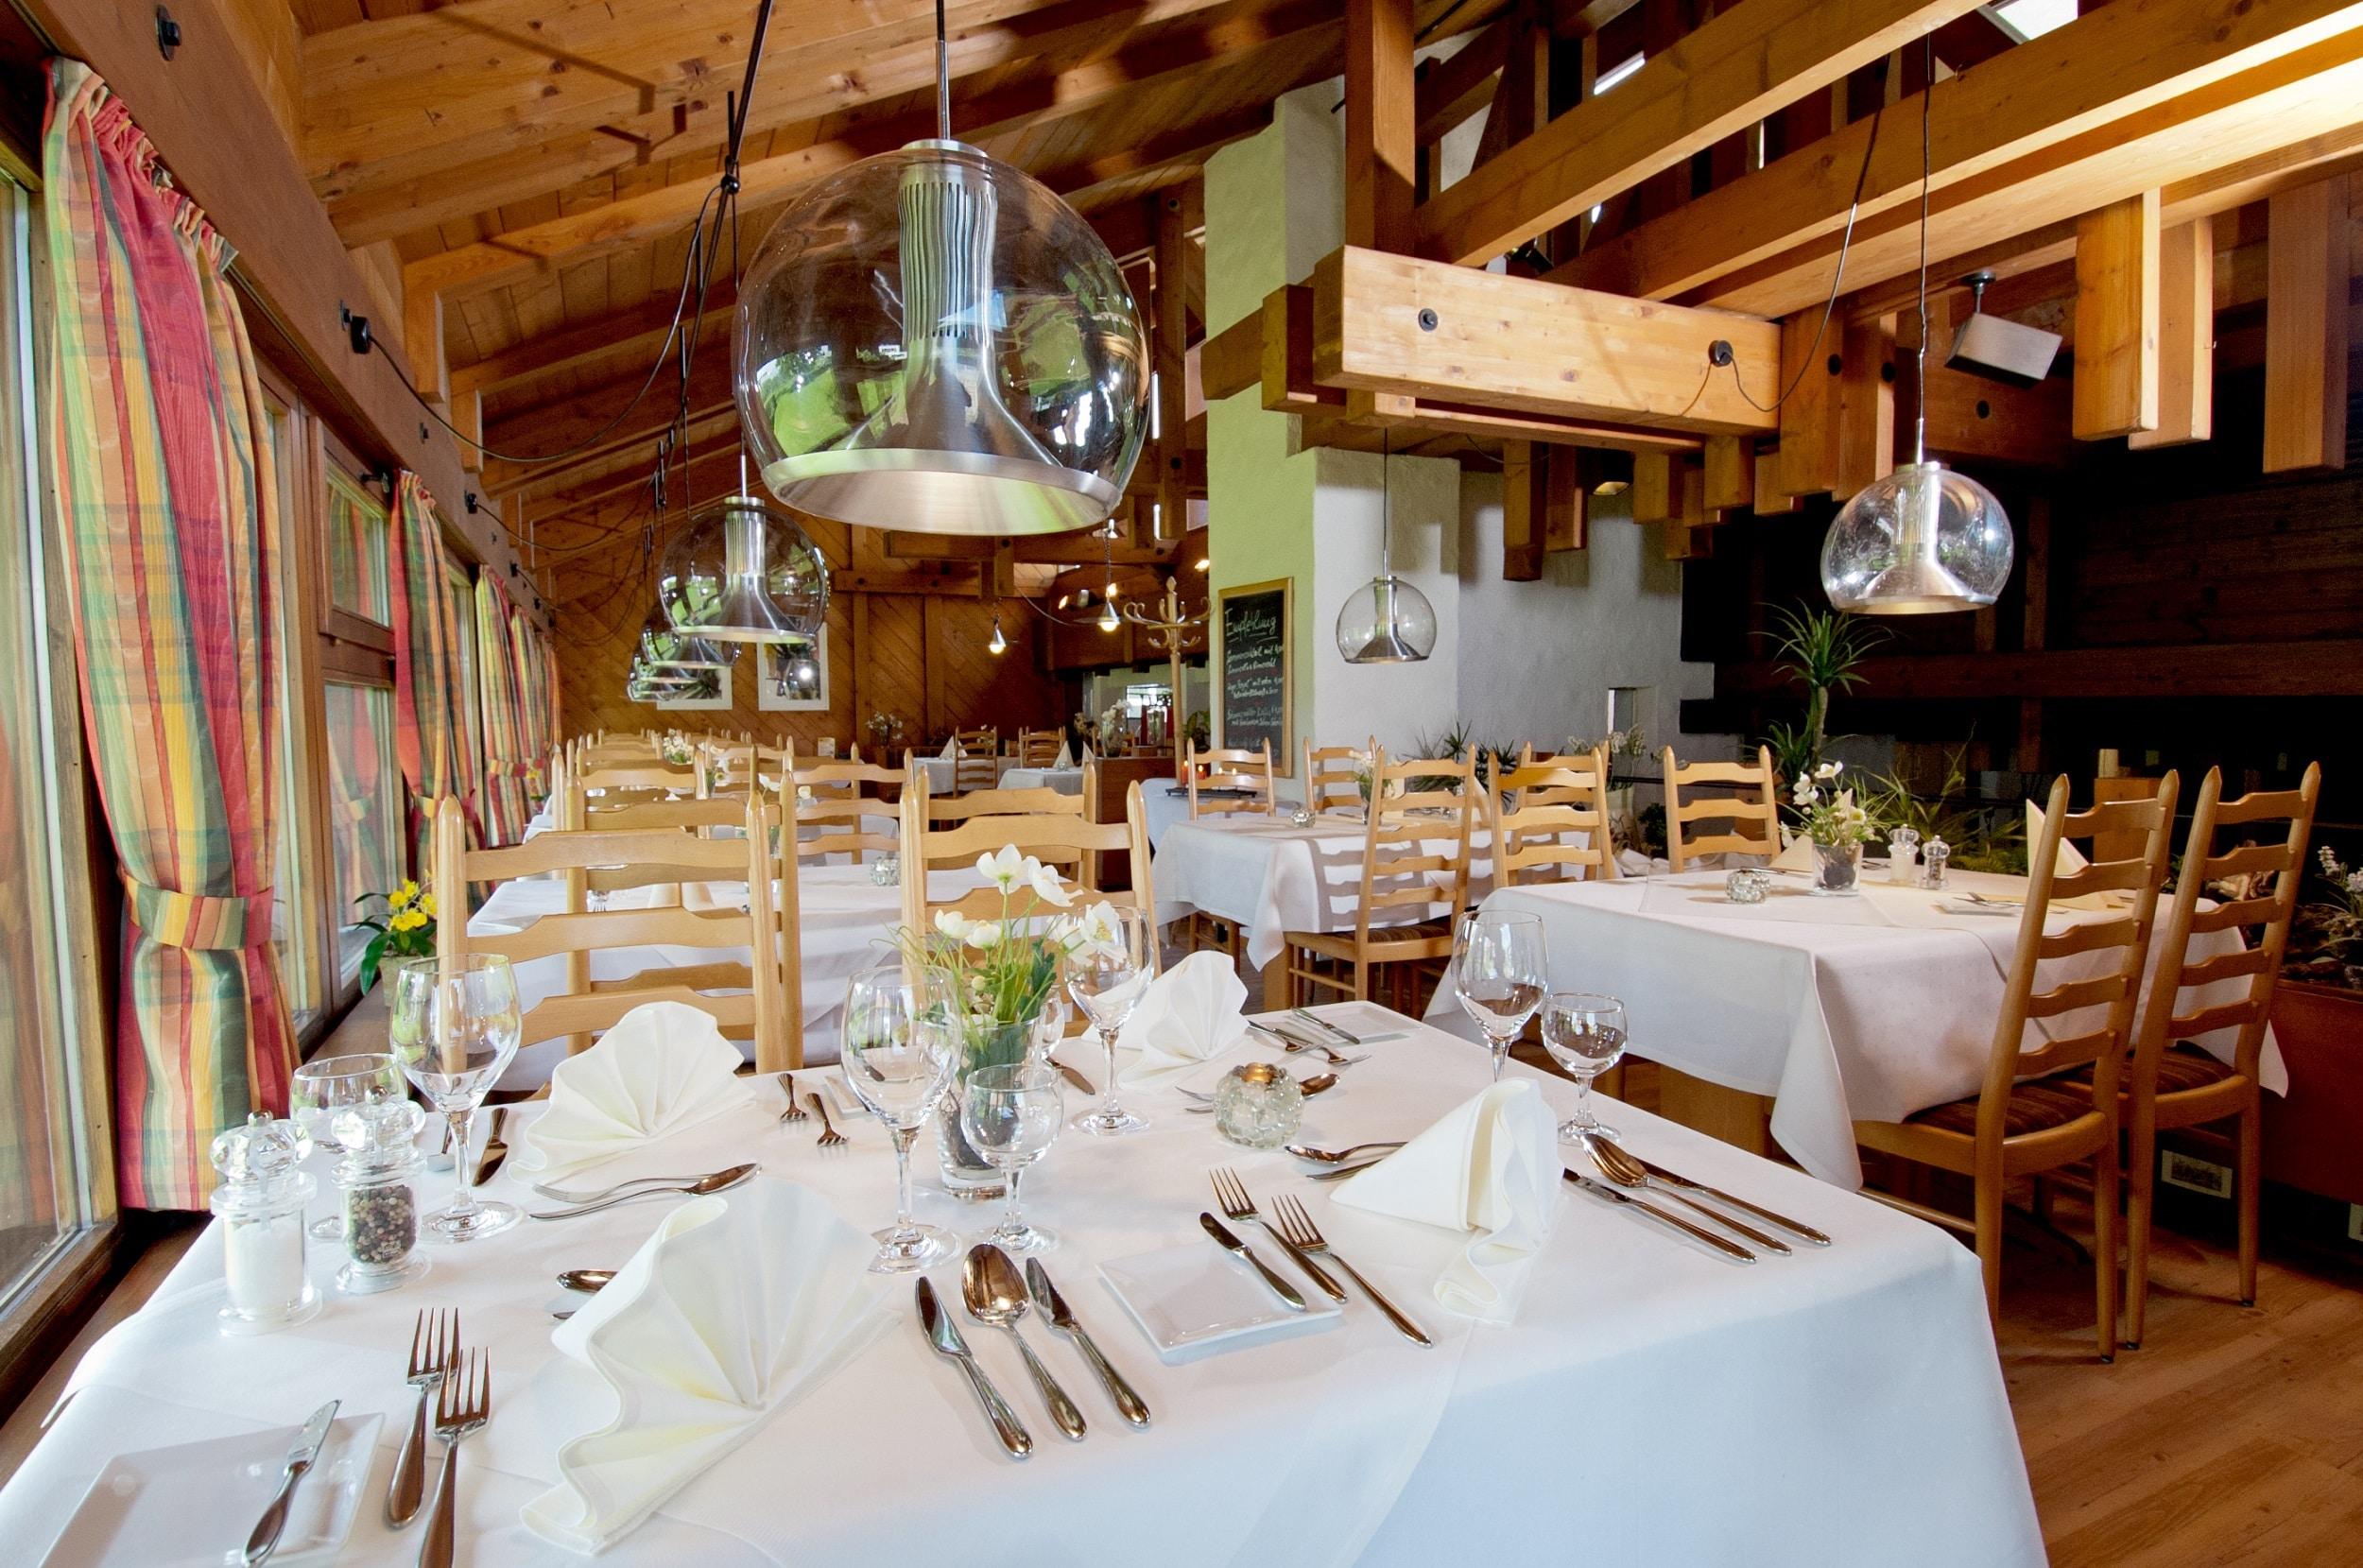 Restaurant Galerie im Restaurant Sonnenhof